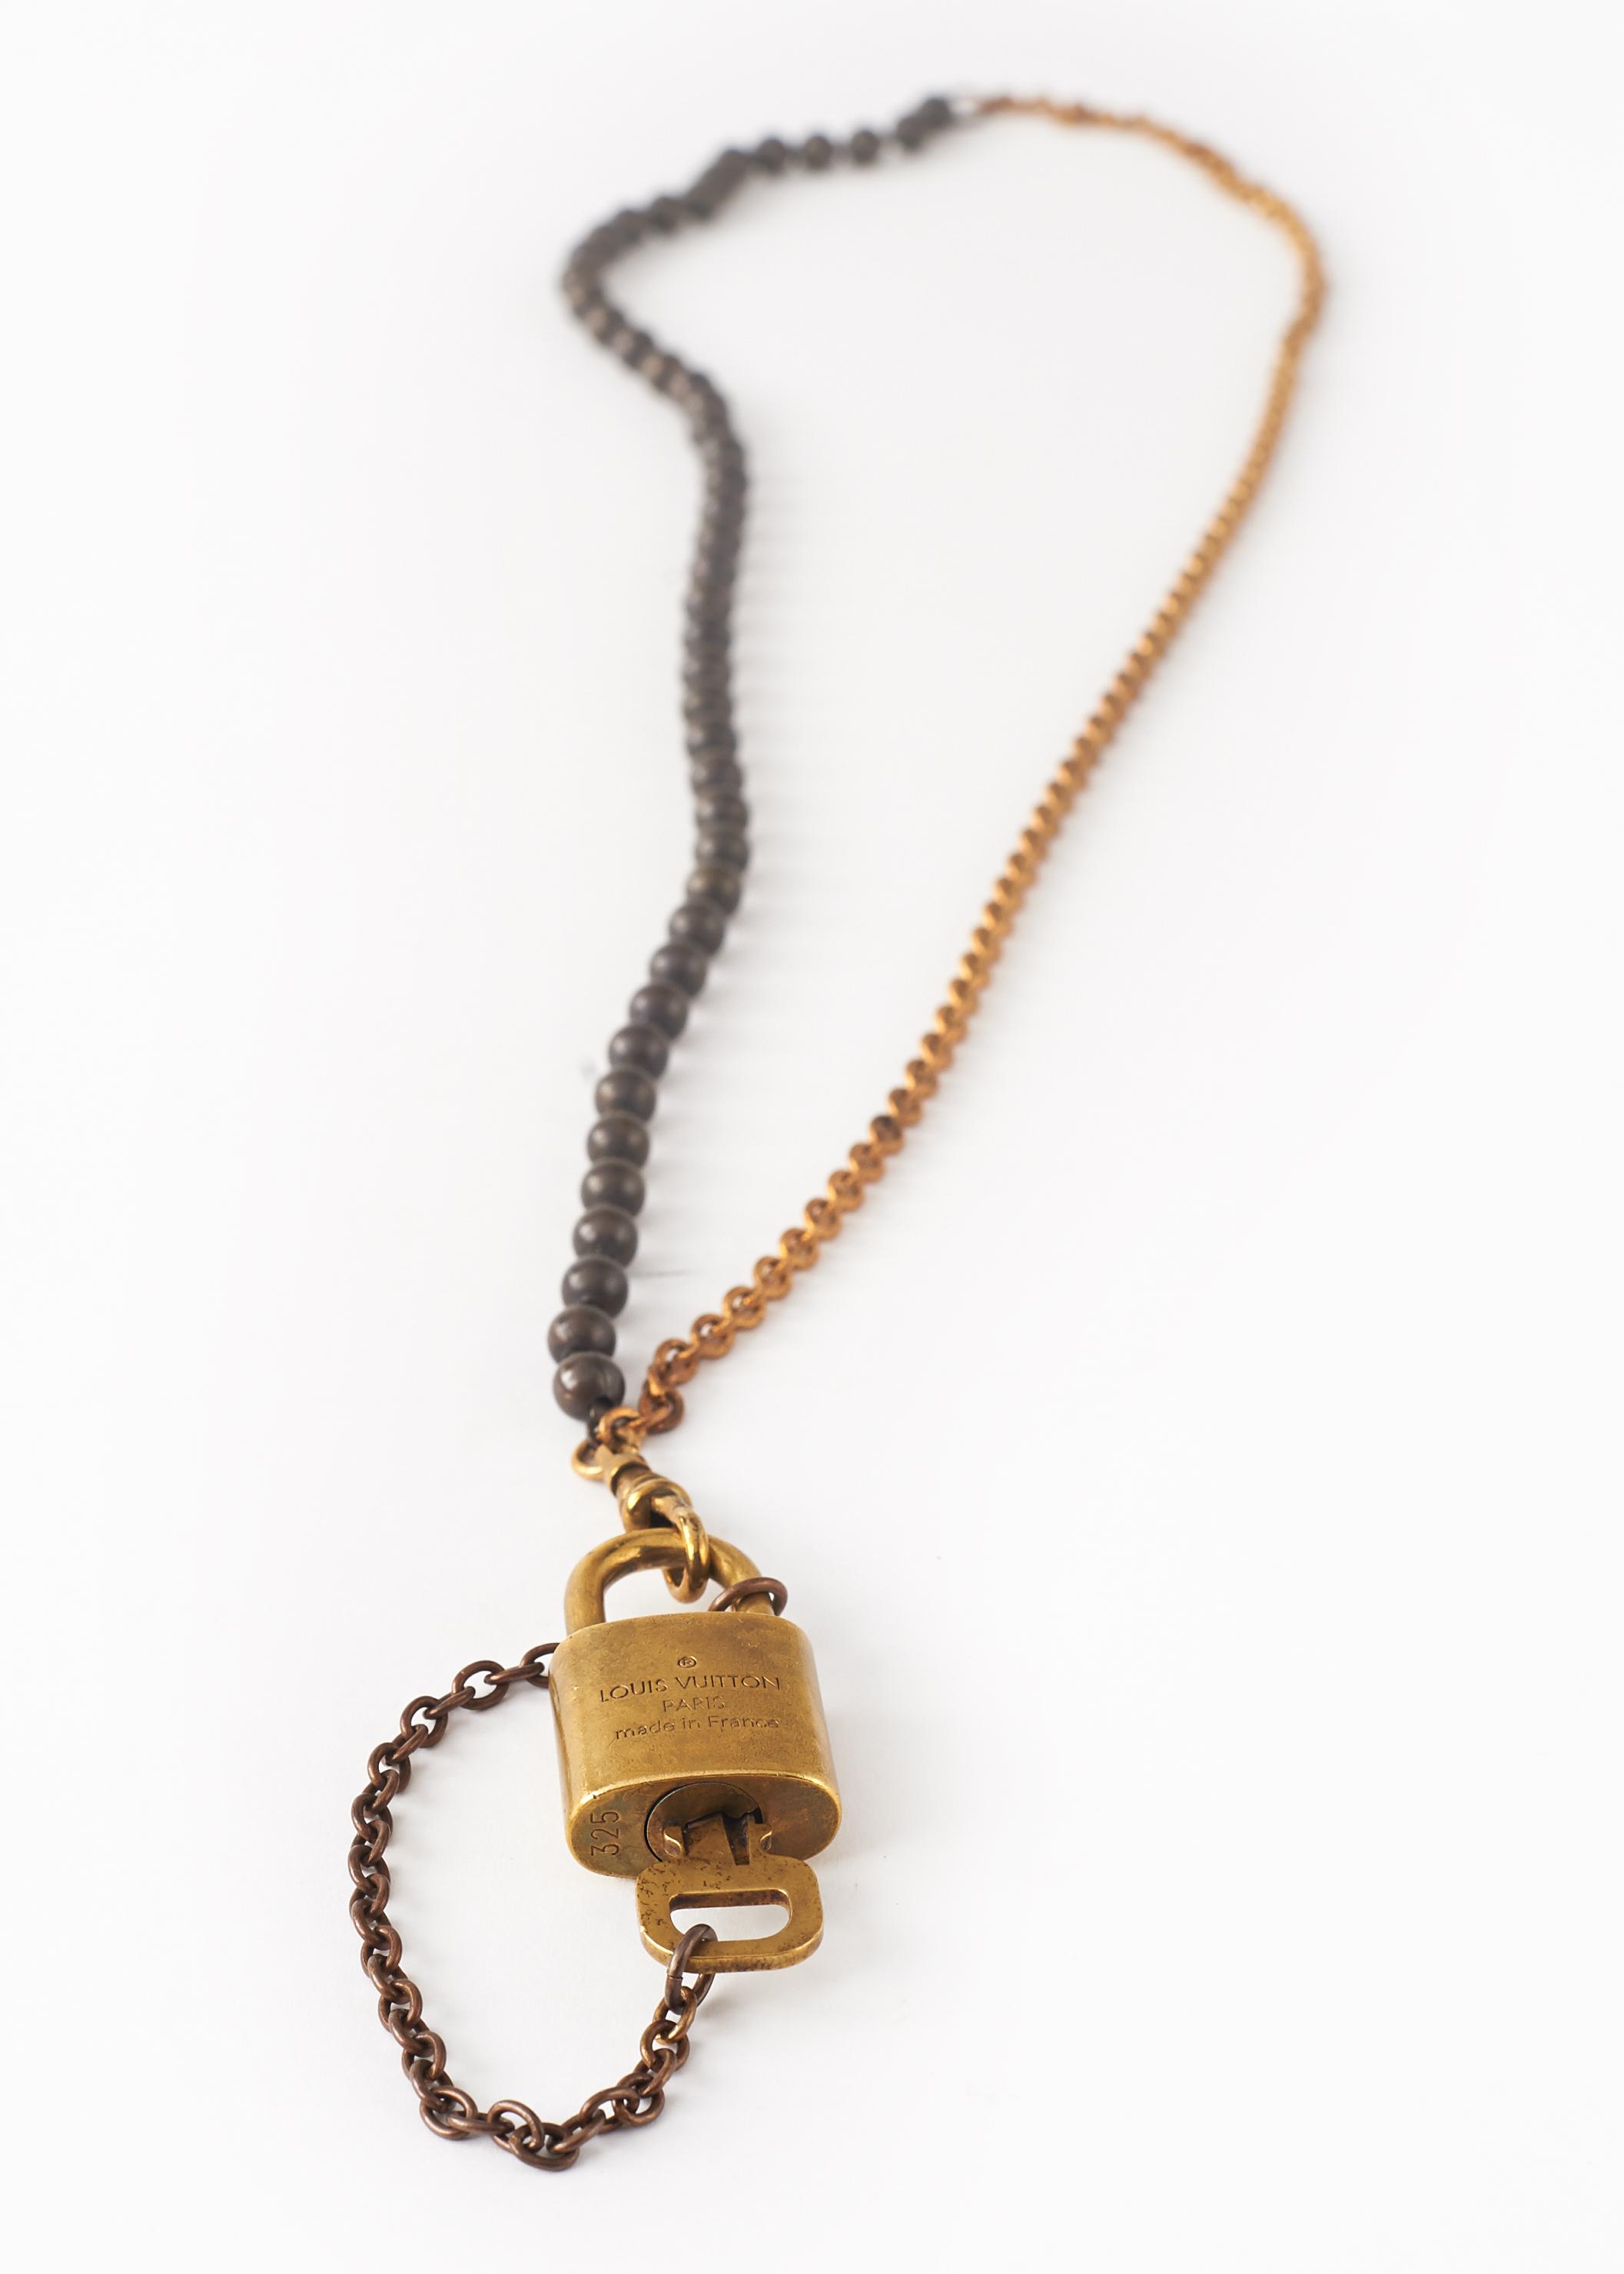 Vintage Louis Vuitton Necklace